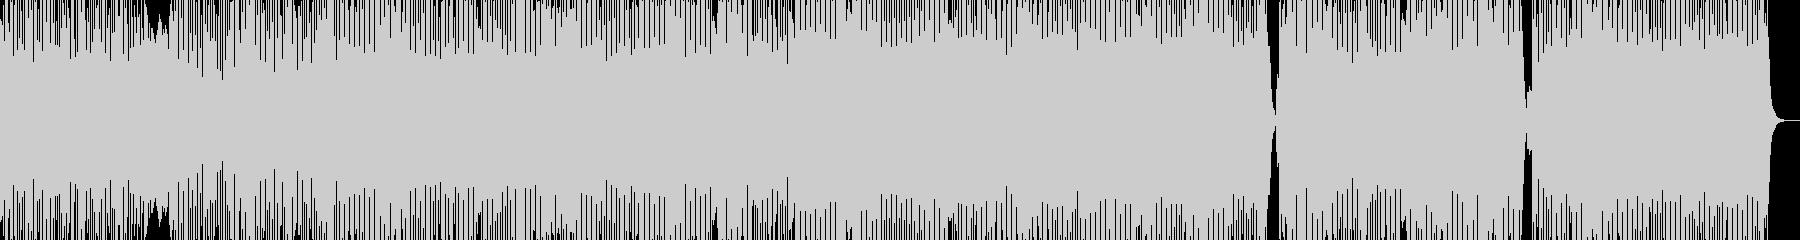 うねるギター変拍子のハードロックインストの未再生の波形